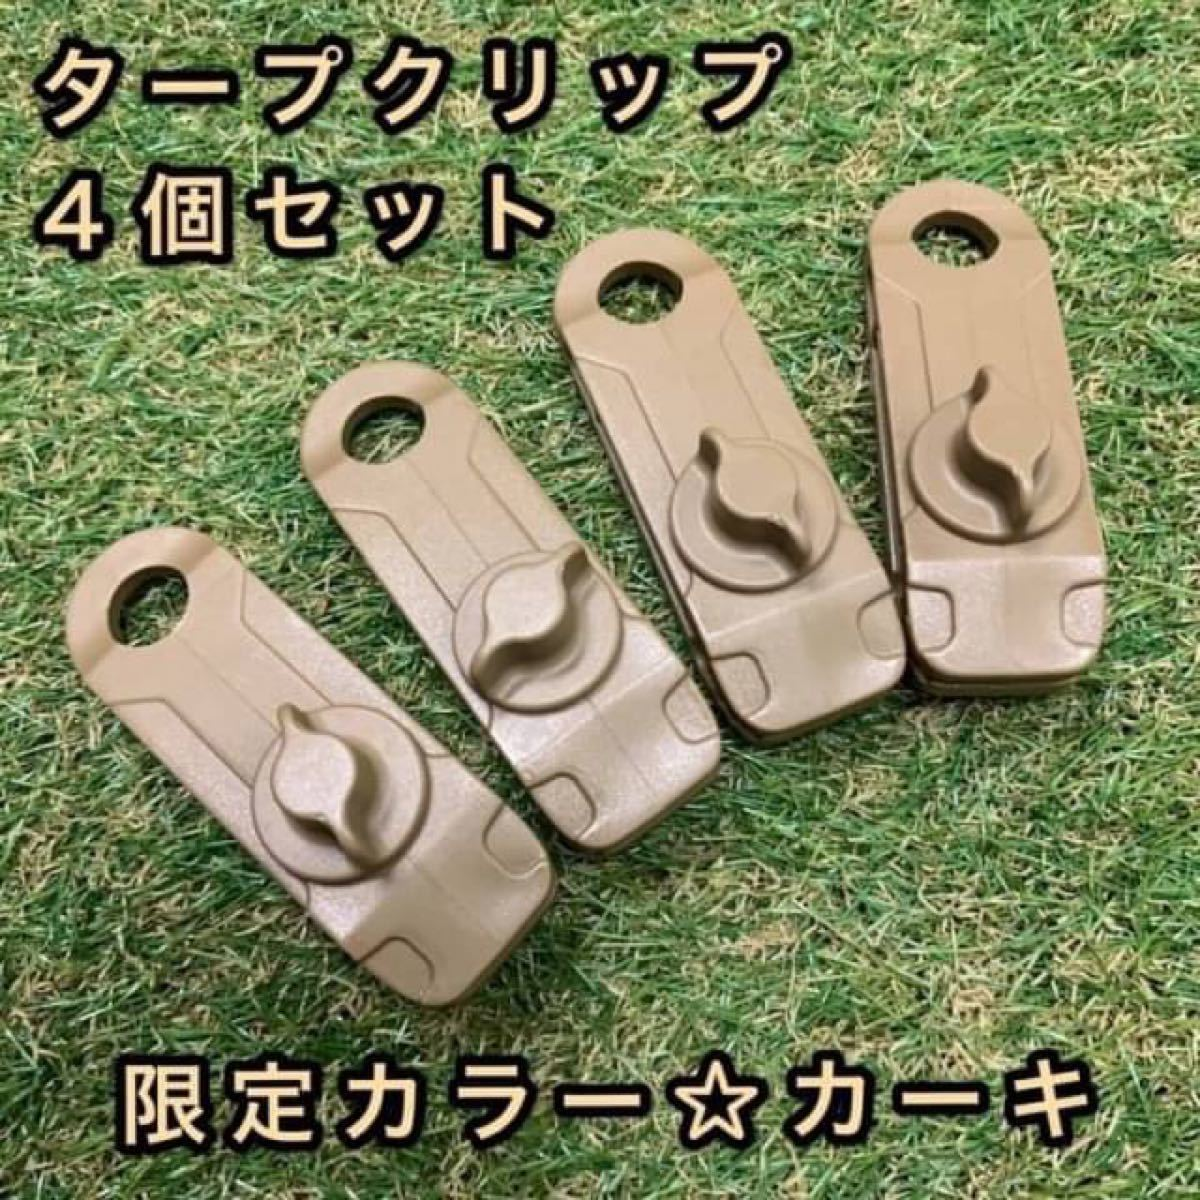 タープクリップ 限定カラー☆カーキ 4個セット テントクリップ